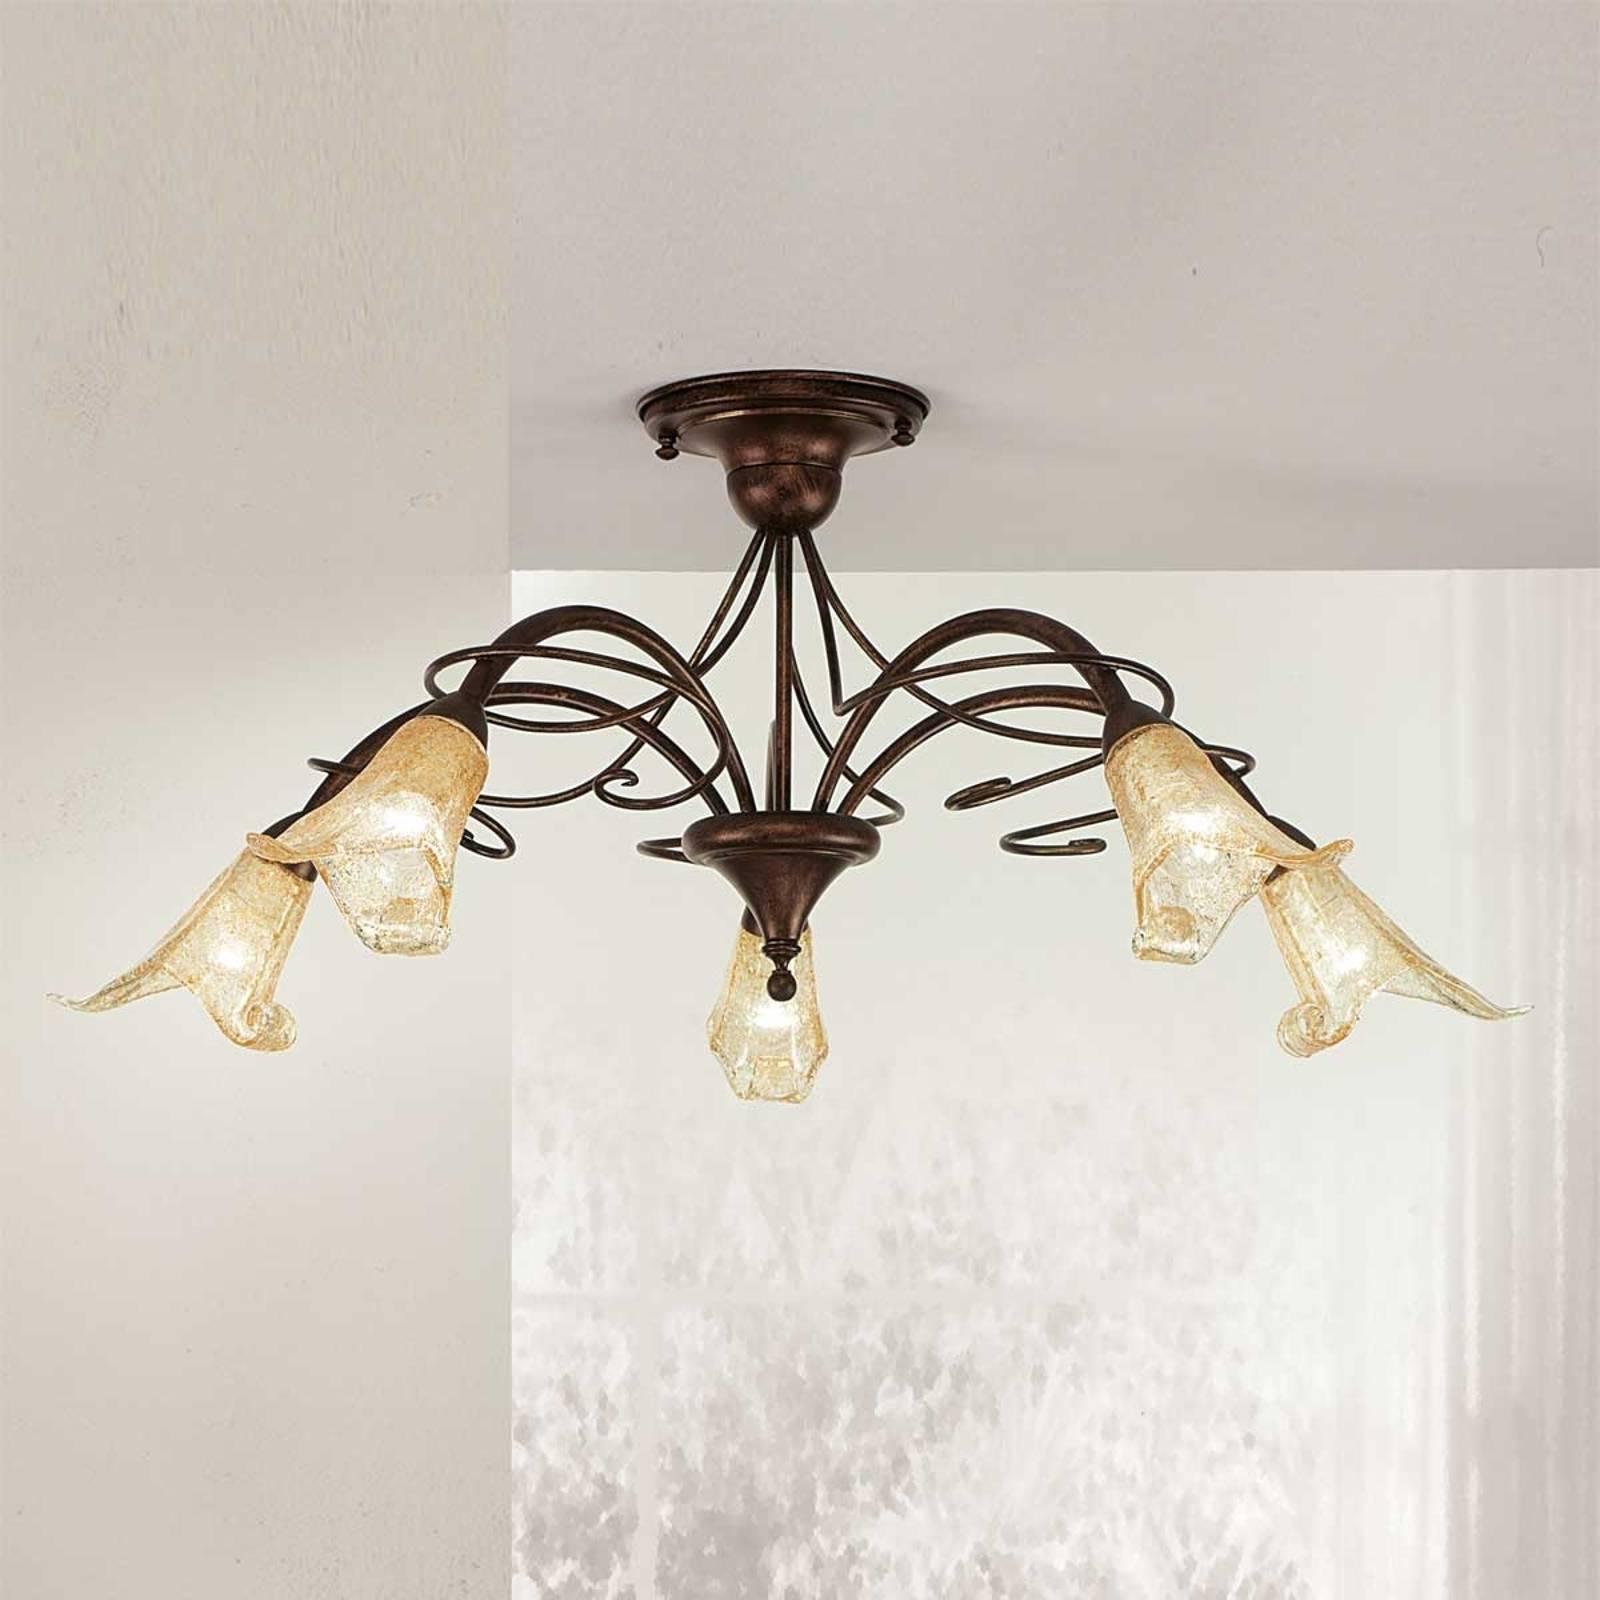 Lampen von Lam. Günstig online kaufen bei Möbel & Garten.